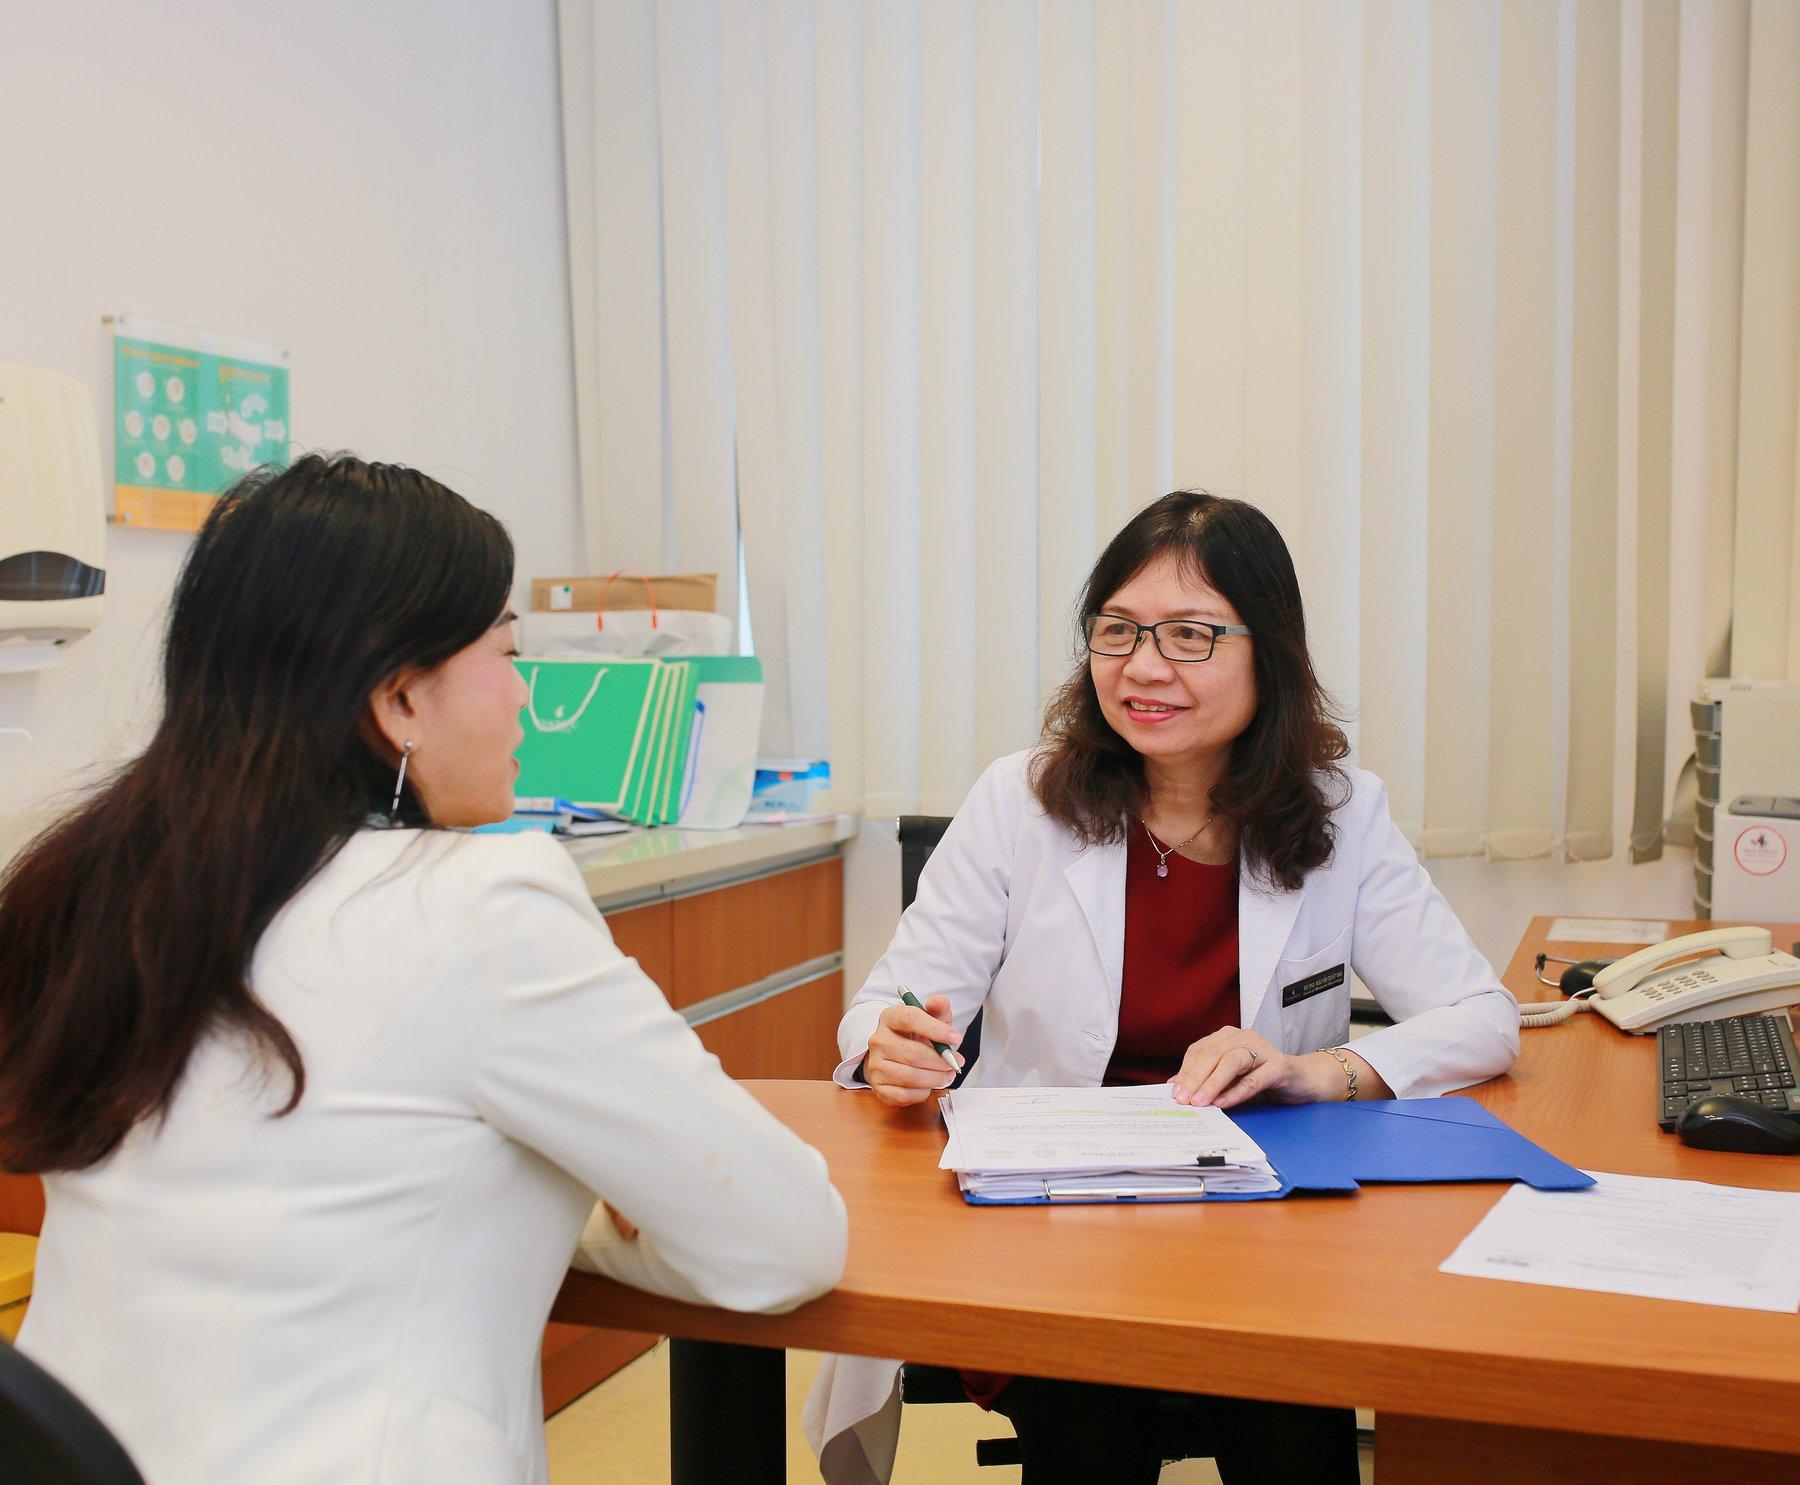 Liệu pháp tăng cường hệ miễn dịch tự thân giúp tăng khả năng miễn dịch cho bệnh nhân ung thư ở mức độ nào?